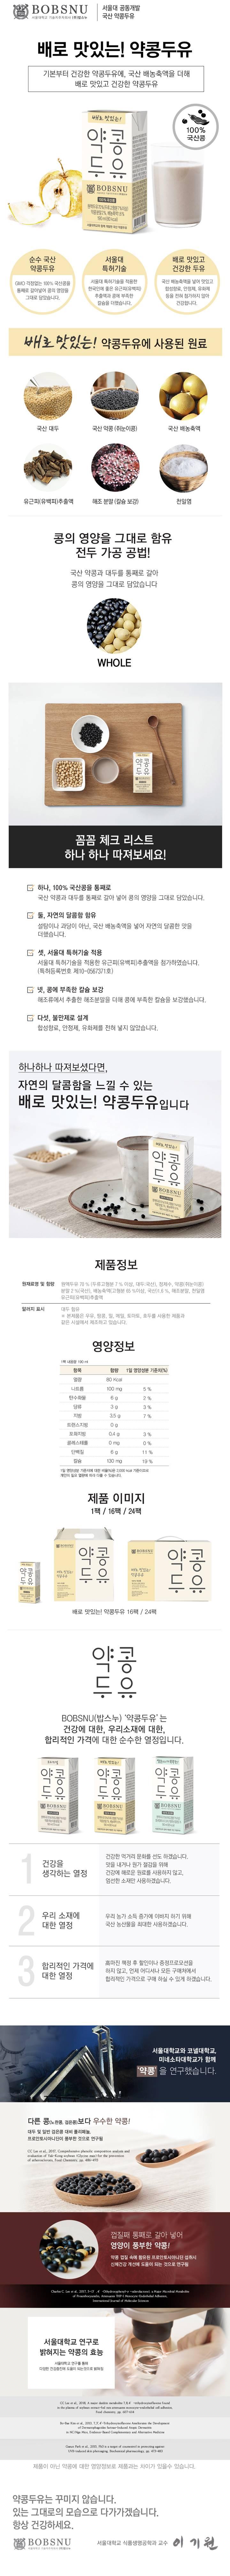 배로맛있는약콩두유.jpg